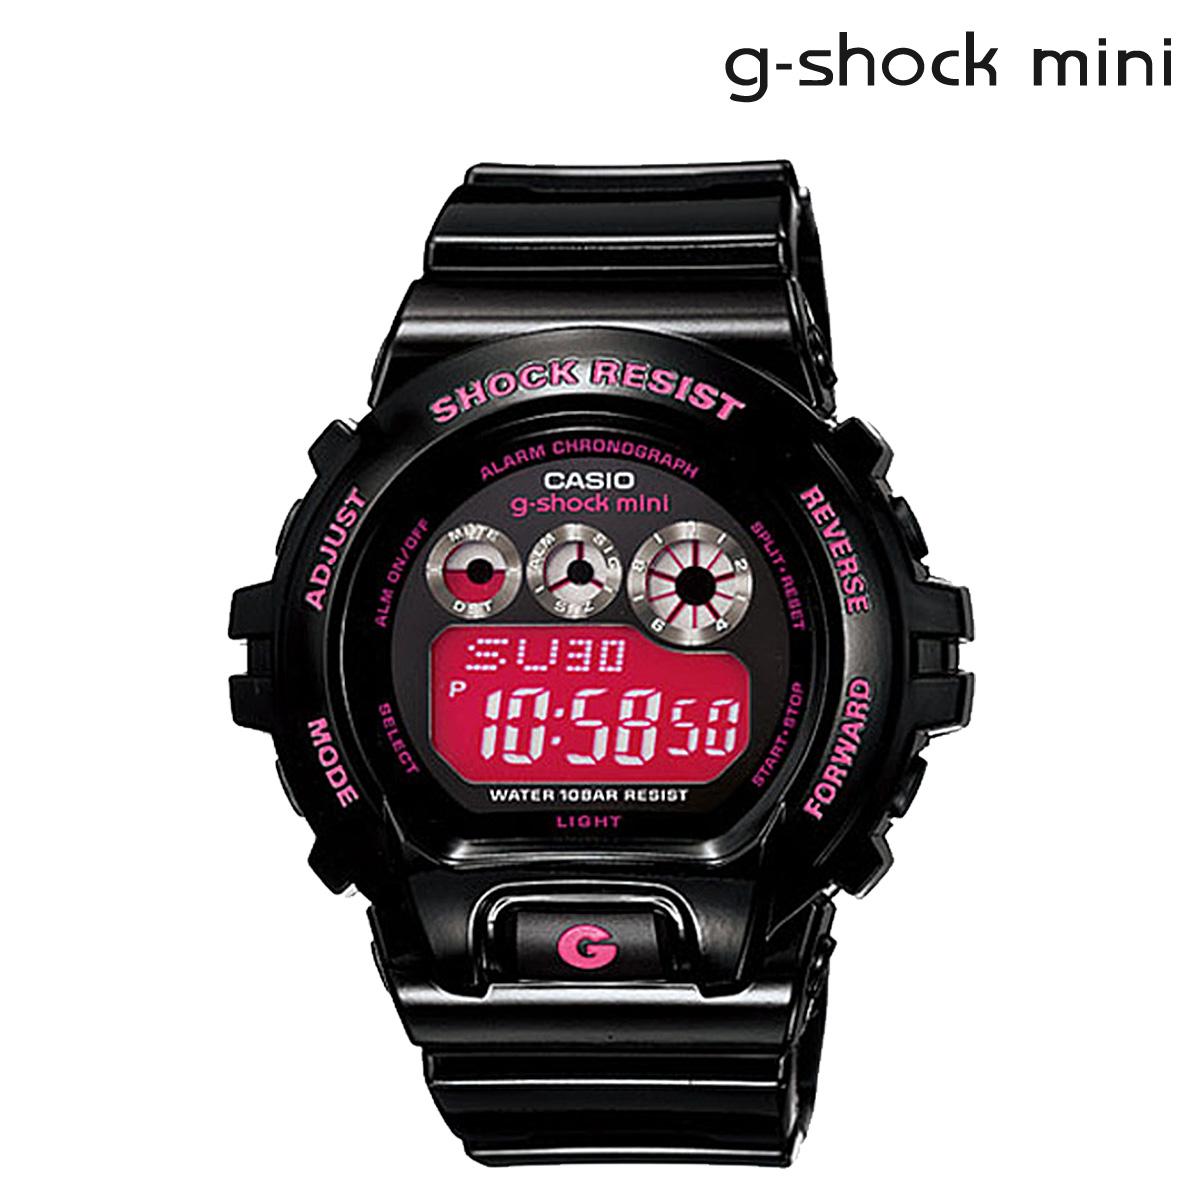 カシオ CASIO g-shock mini 腕時計 GMN-692-1JR ジーショック ミニ Gショック レディース